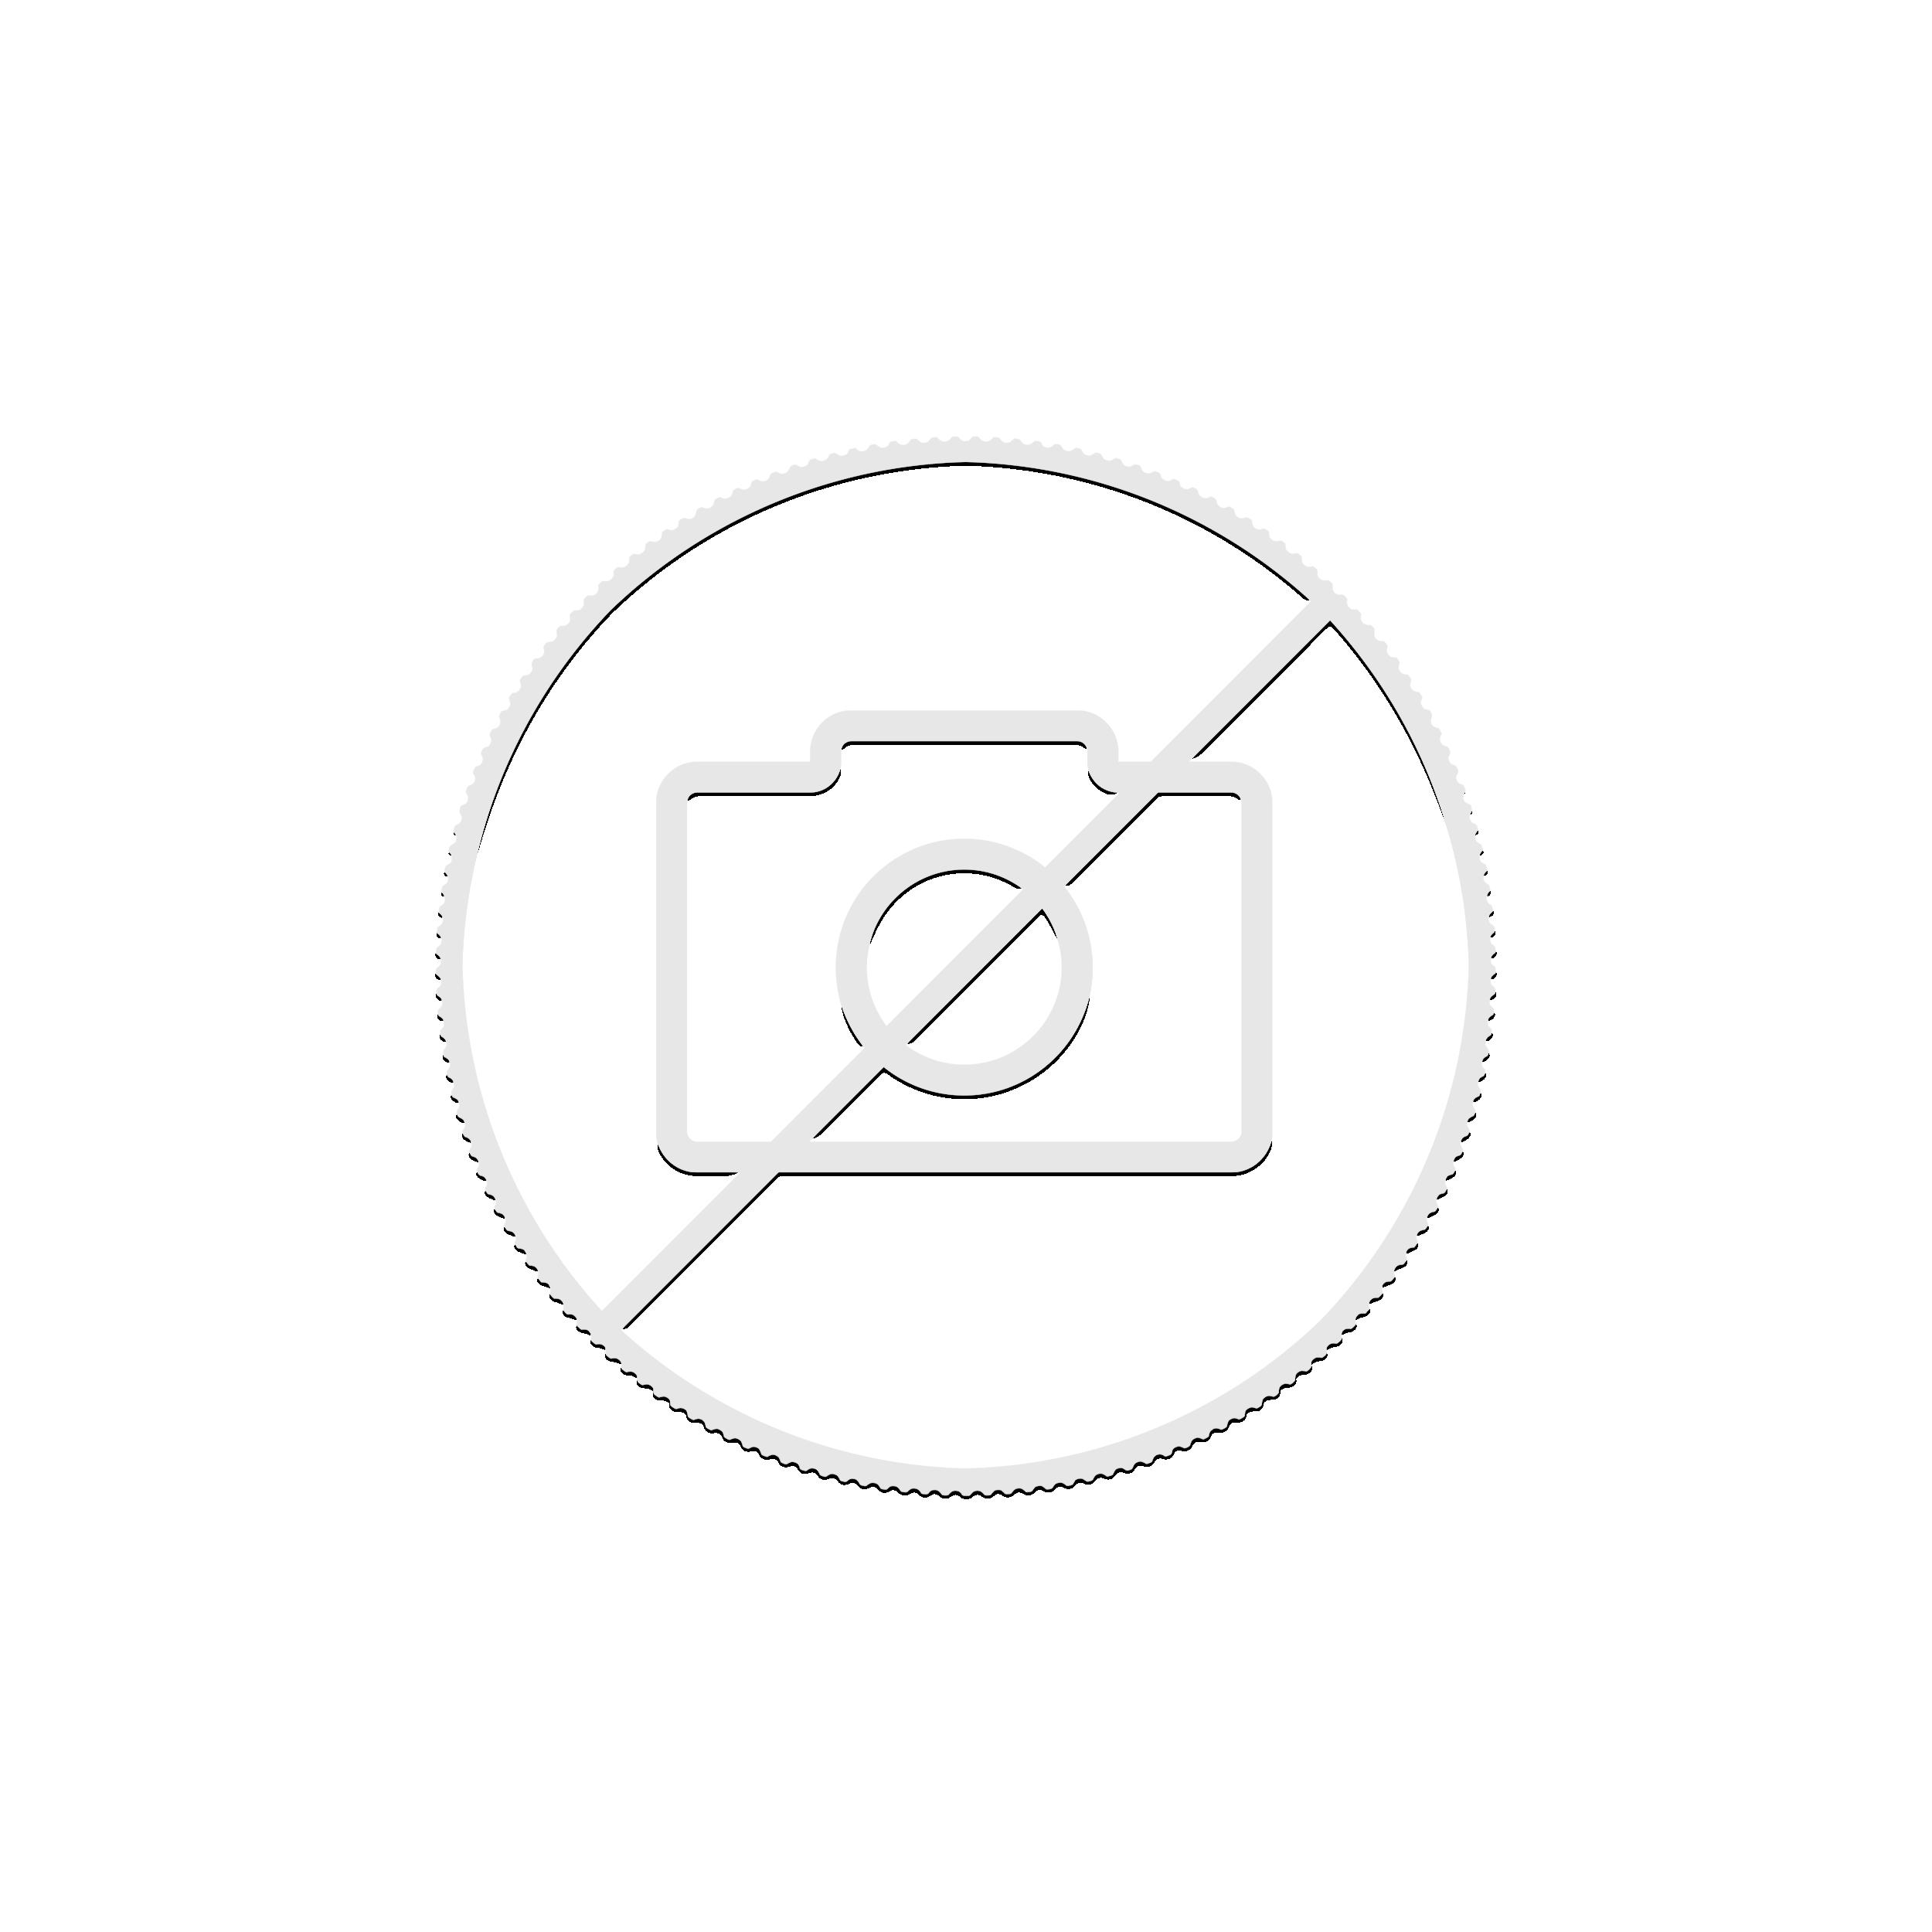 1 Troy ounce zilveren munt Germania 2020 Proof